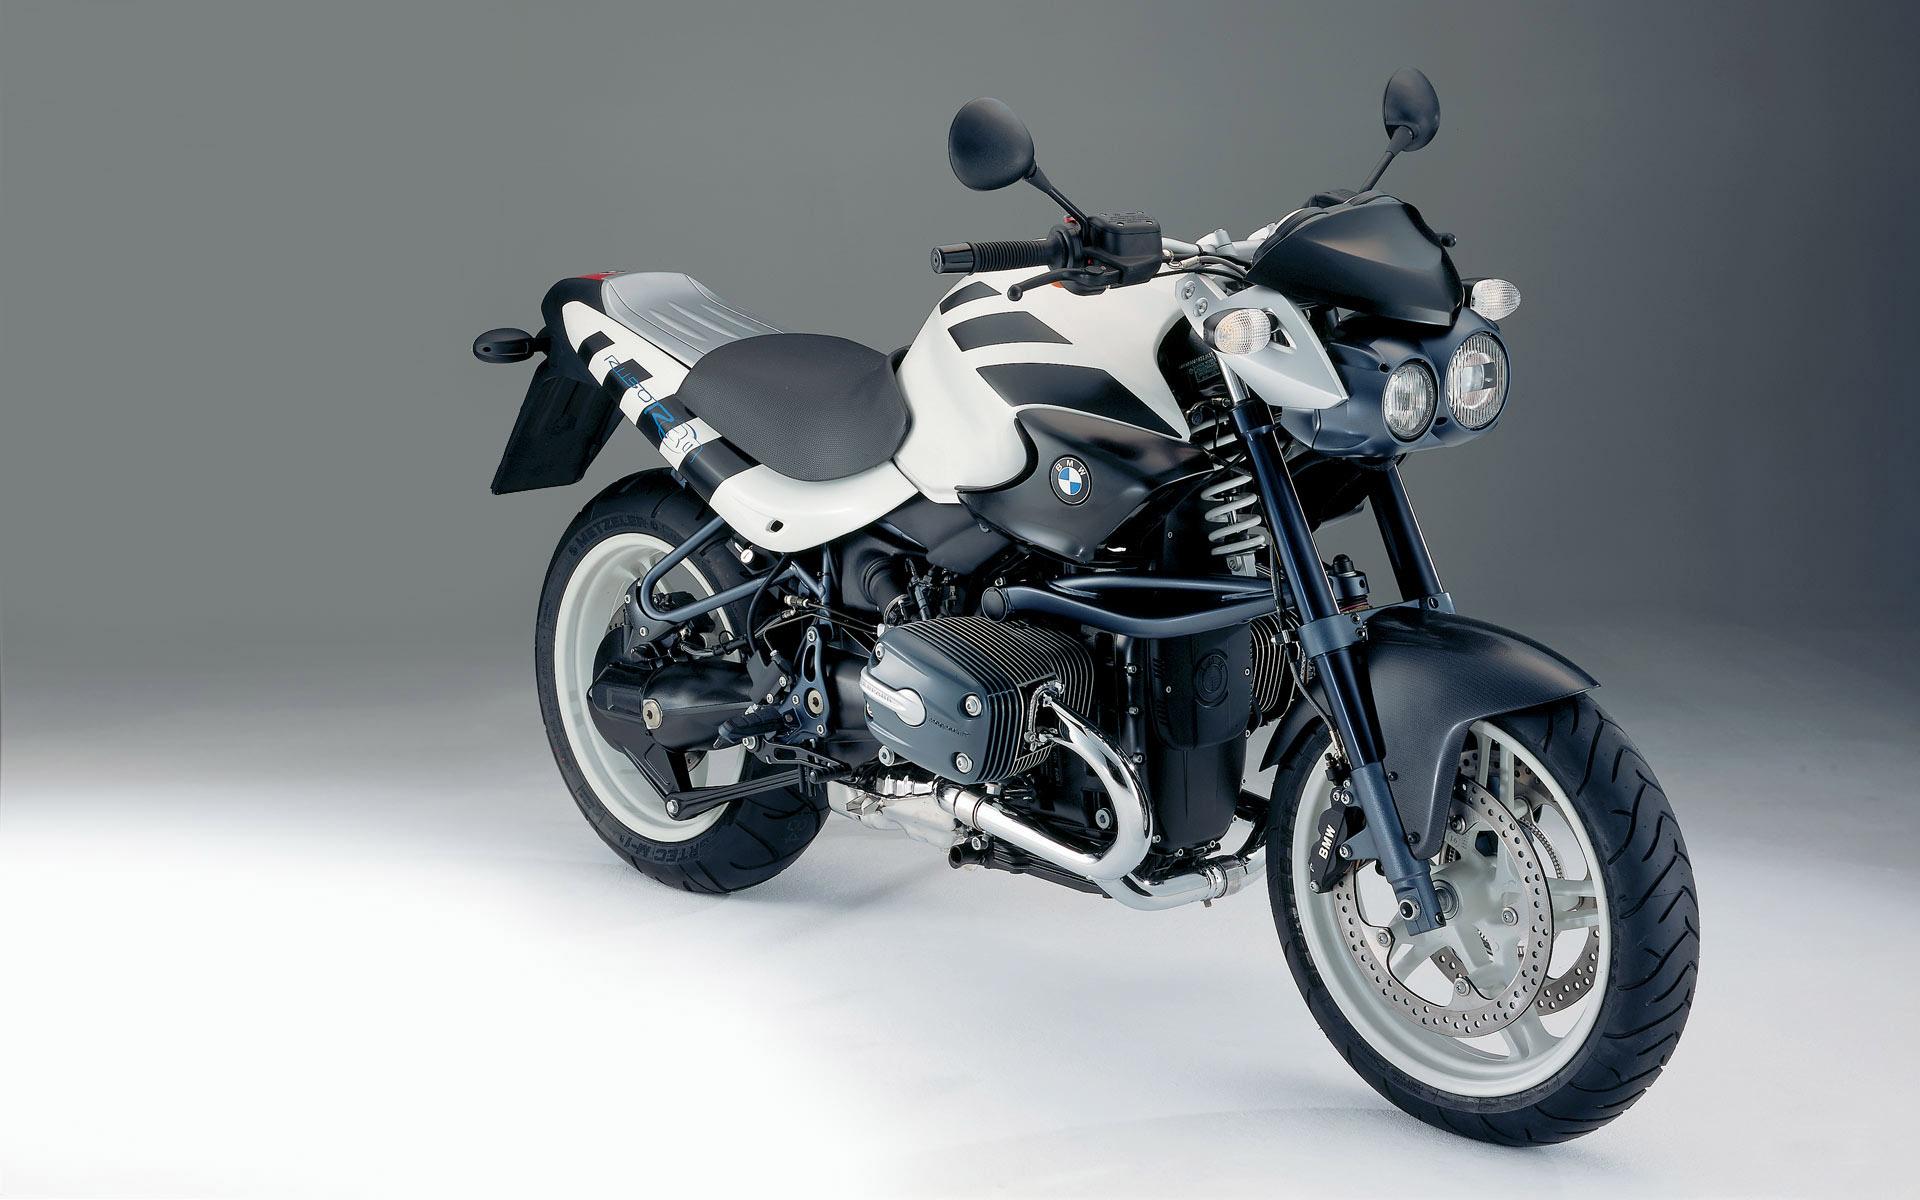 духлесс 2 фото мотоцикл #5